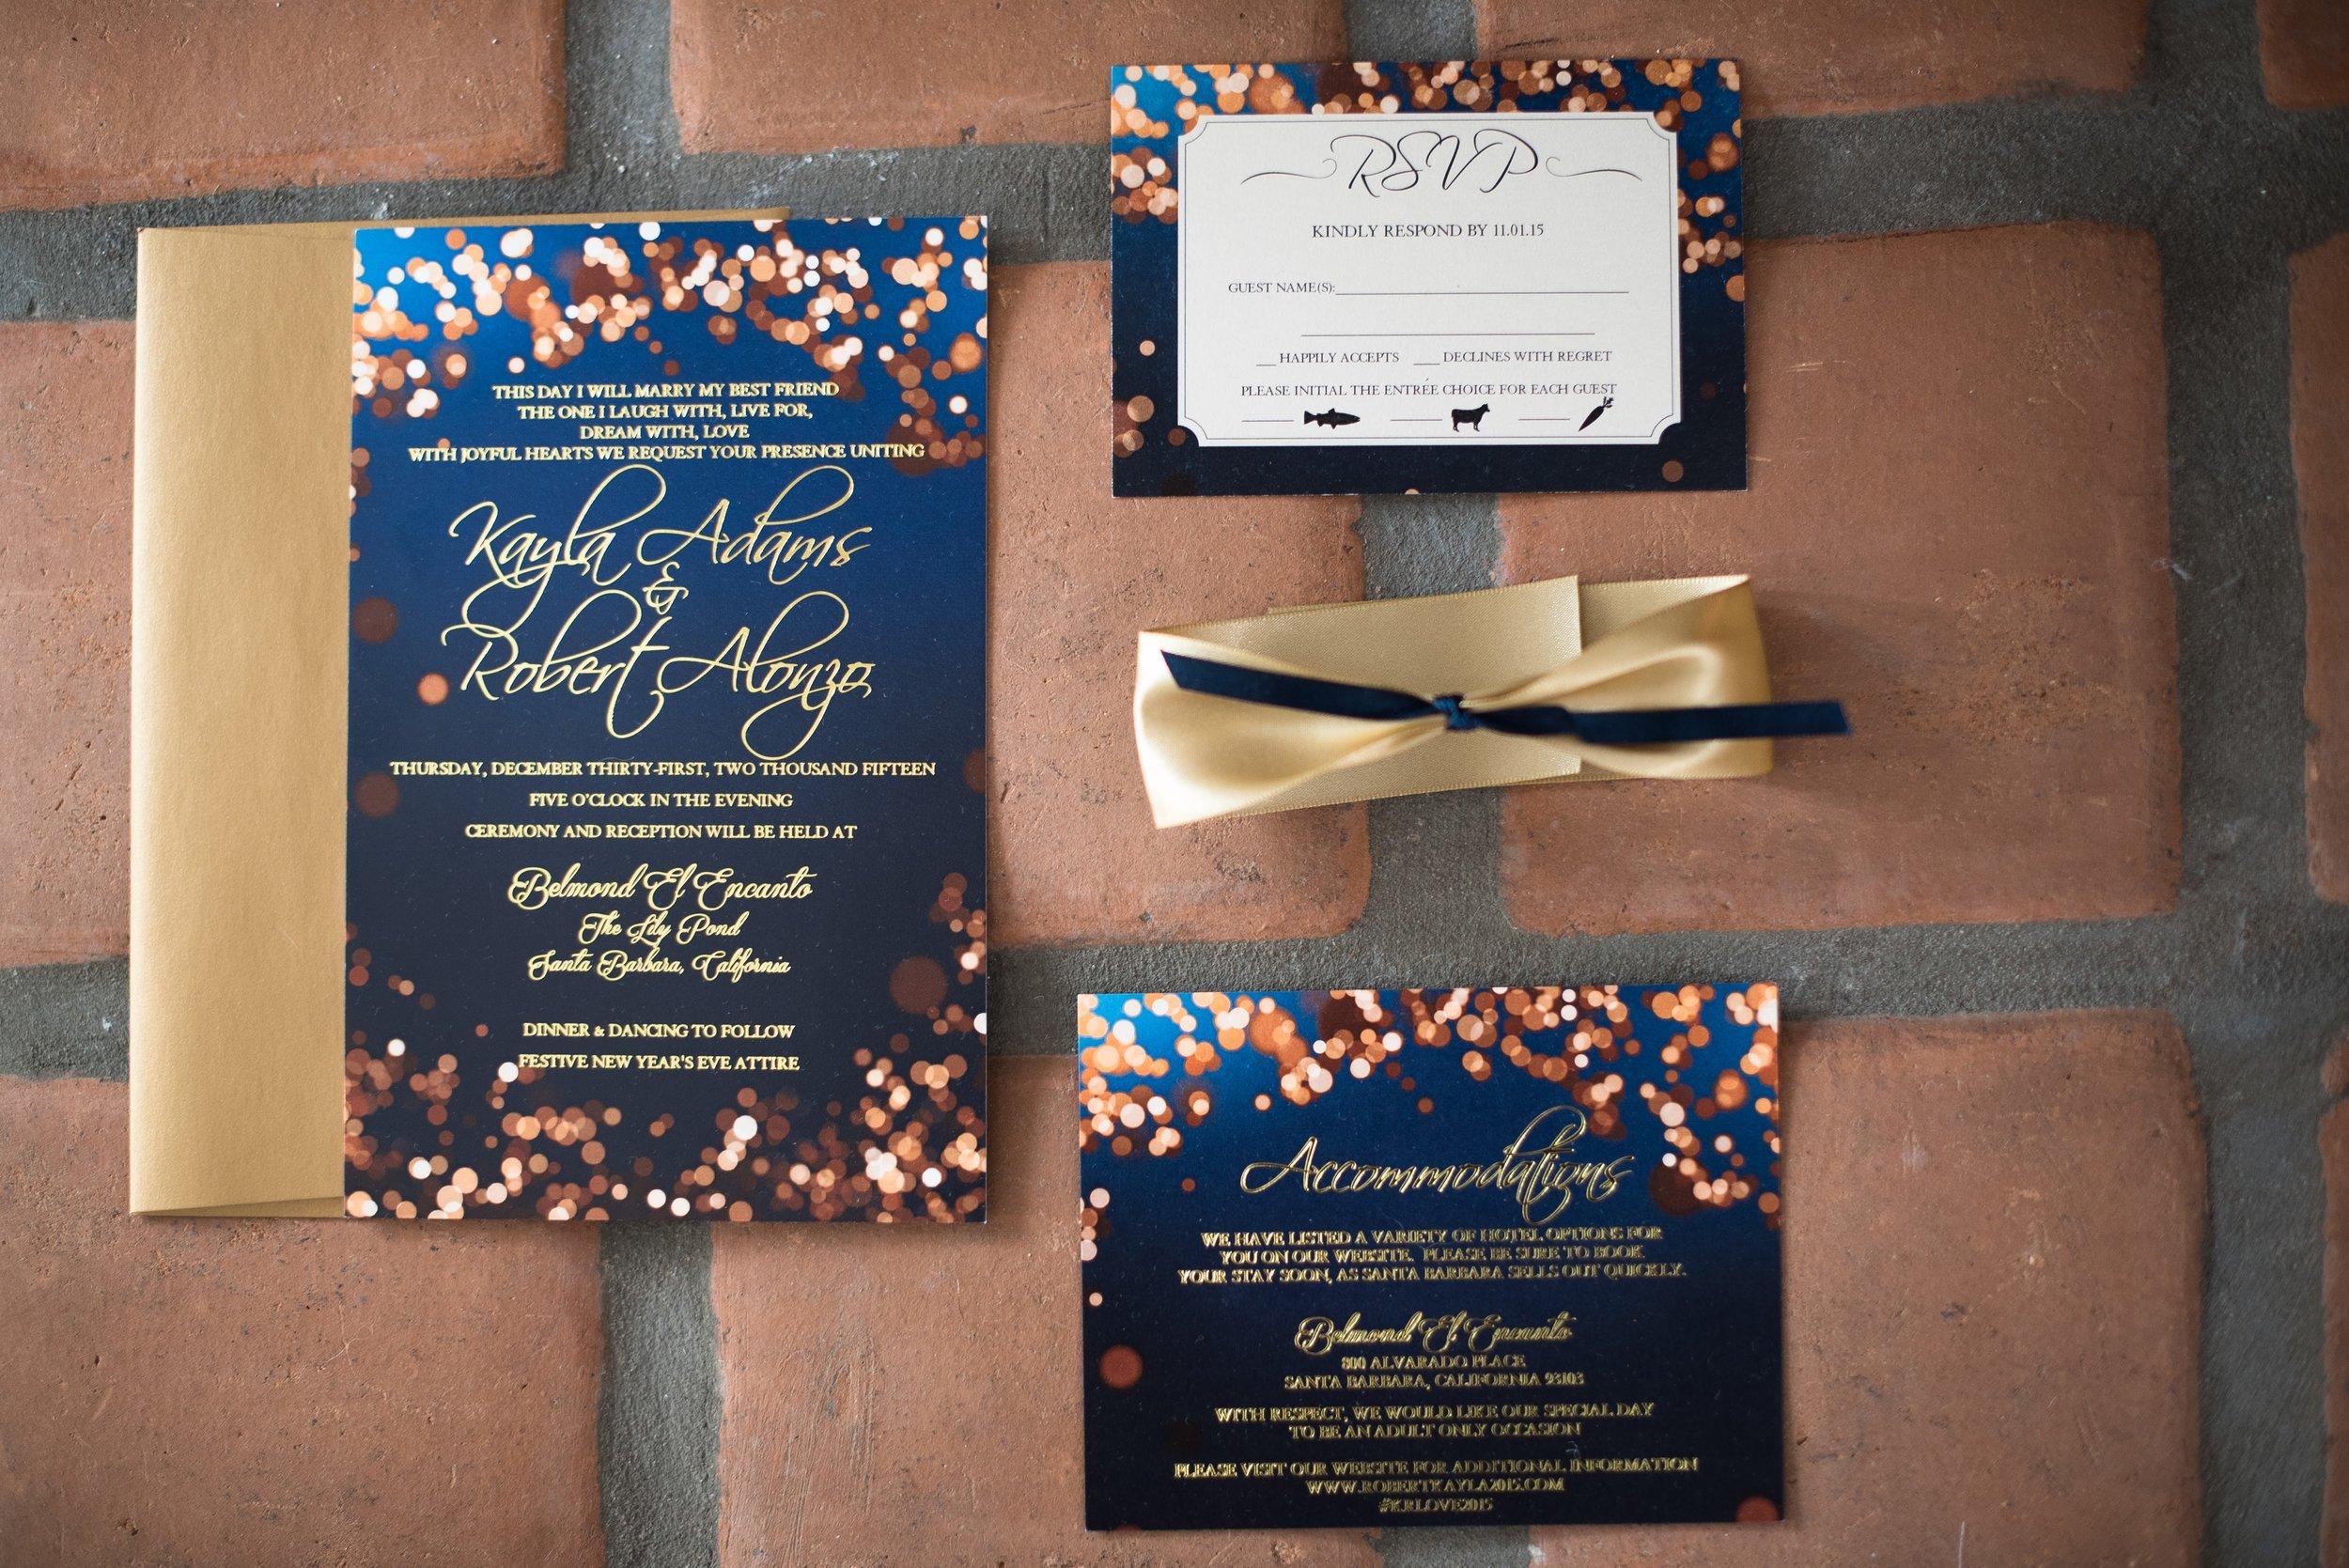 Felici Events | Wedding Planer | El Encanto Wedding | Santa Barbara Wedding | Wedding Planning | Invitations | Program